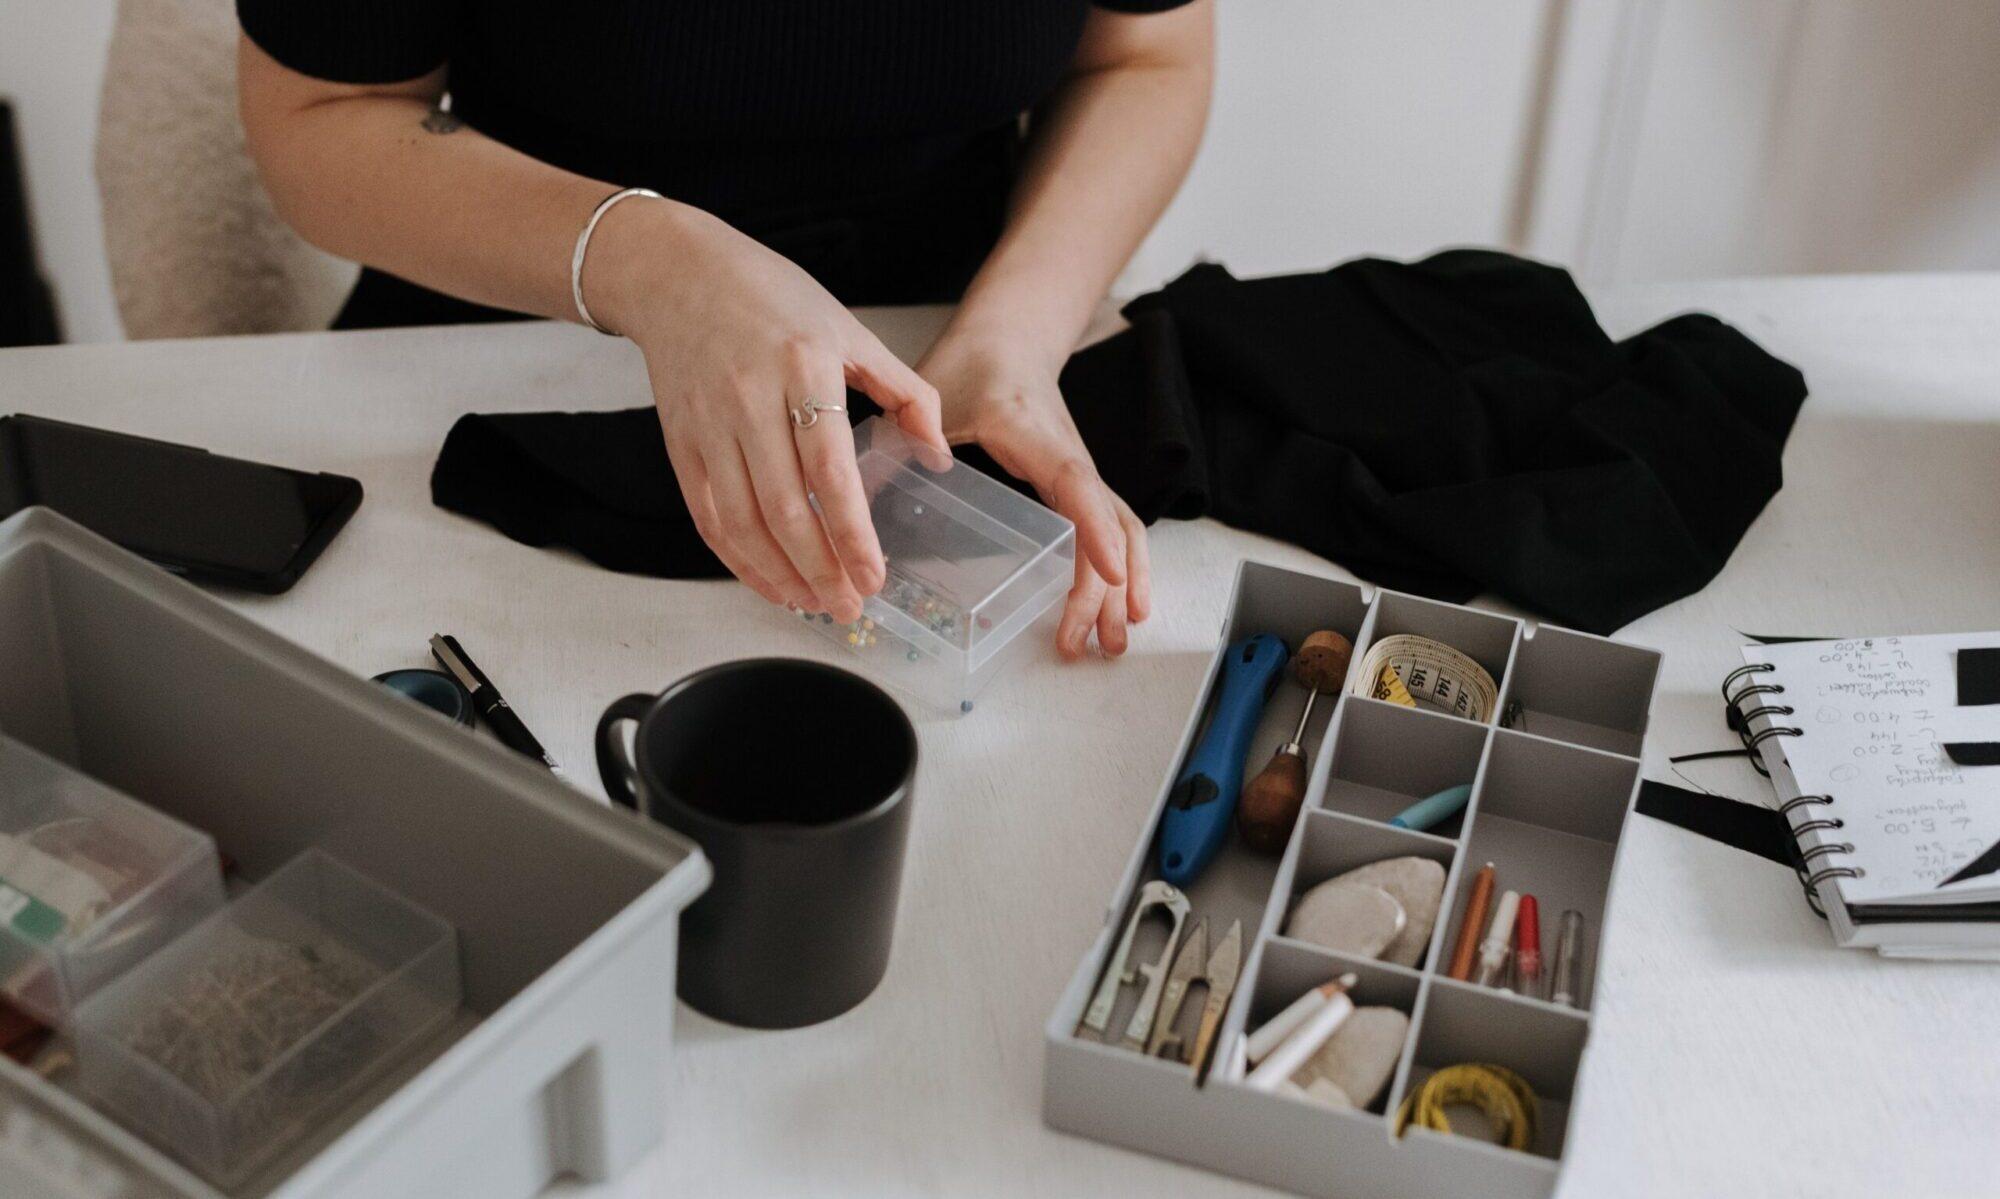 醇味研舊設計室 Ecotano ReCollections Design Studio